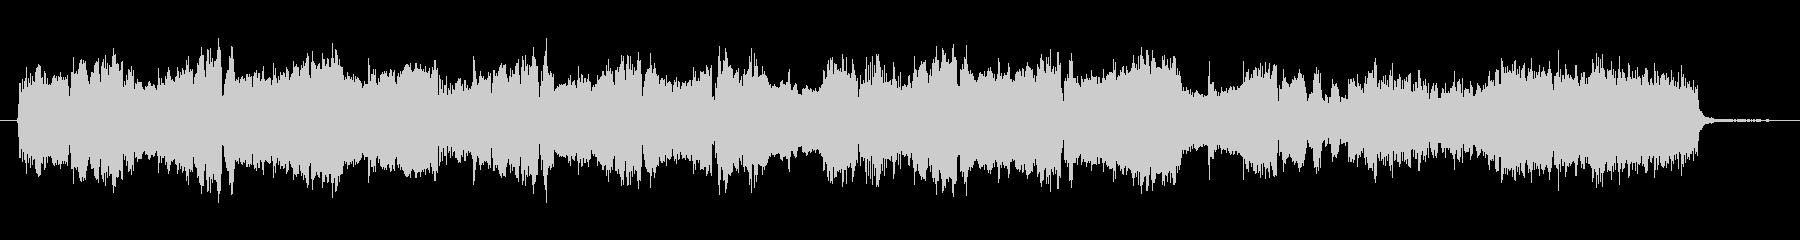 ジングル アコーディオン 三拍子 17秒の未再生の波形